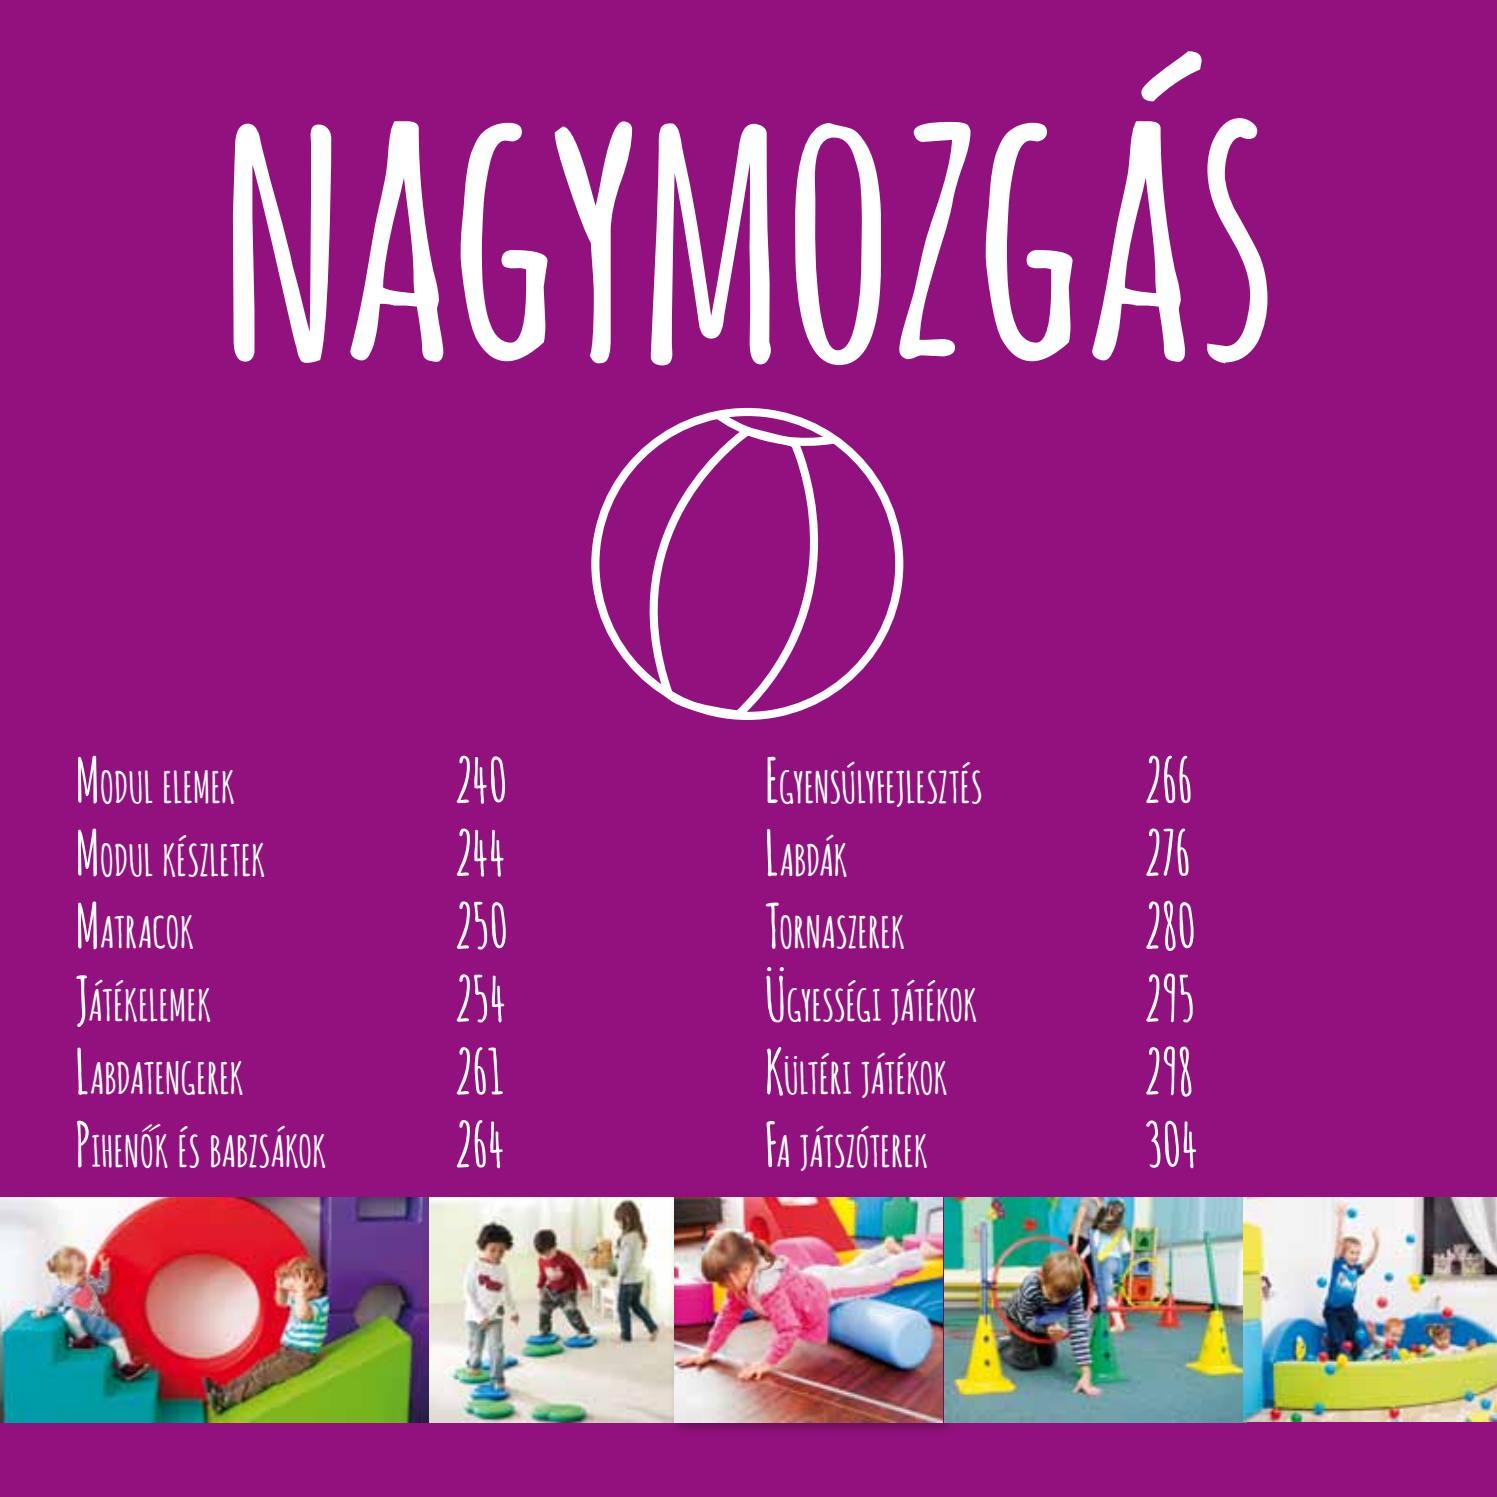 Mi Óvodánk katalógus 2018 - Nagymozgás by Mi Óvodánk - issuu 224f1b5f33